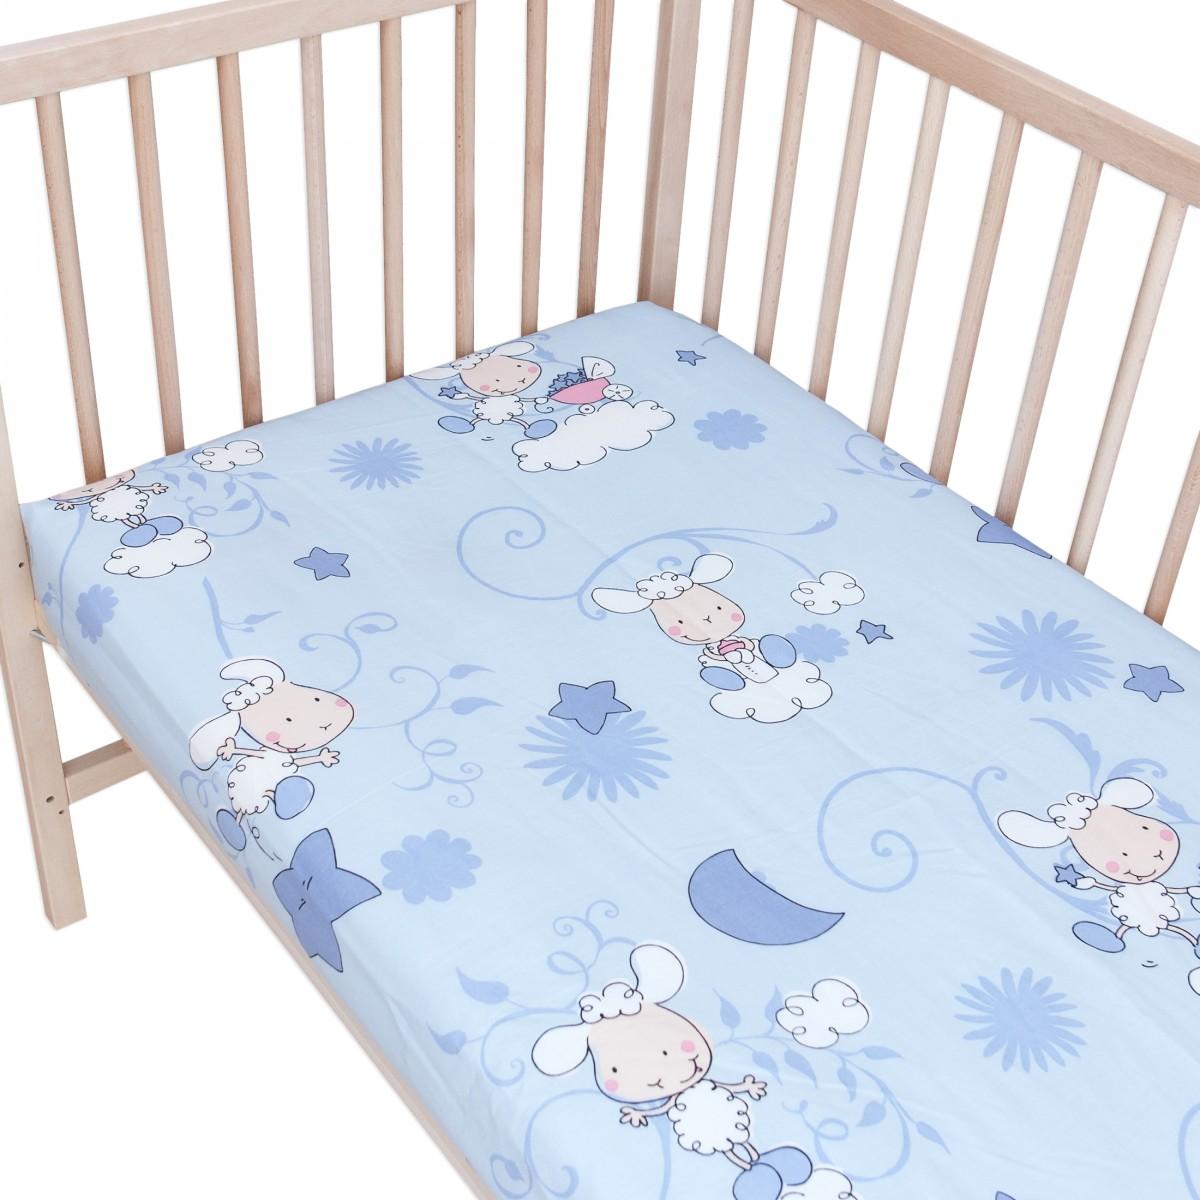 les agneaux bleu lot de 2 draps housse 100 coton linge de lit pour b b et enafant. Black Bedroom Furniture Sets. Home Design Ideas